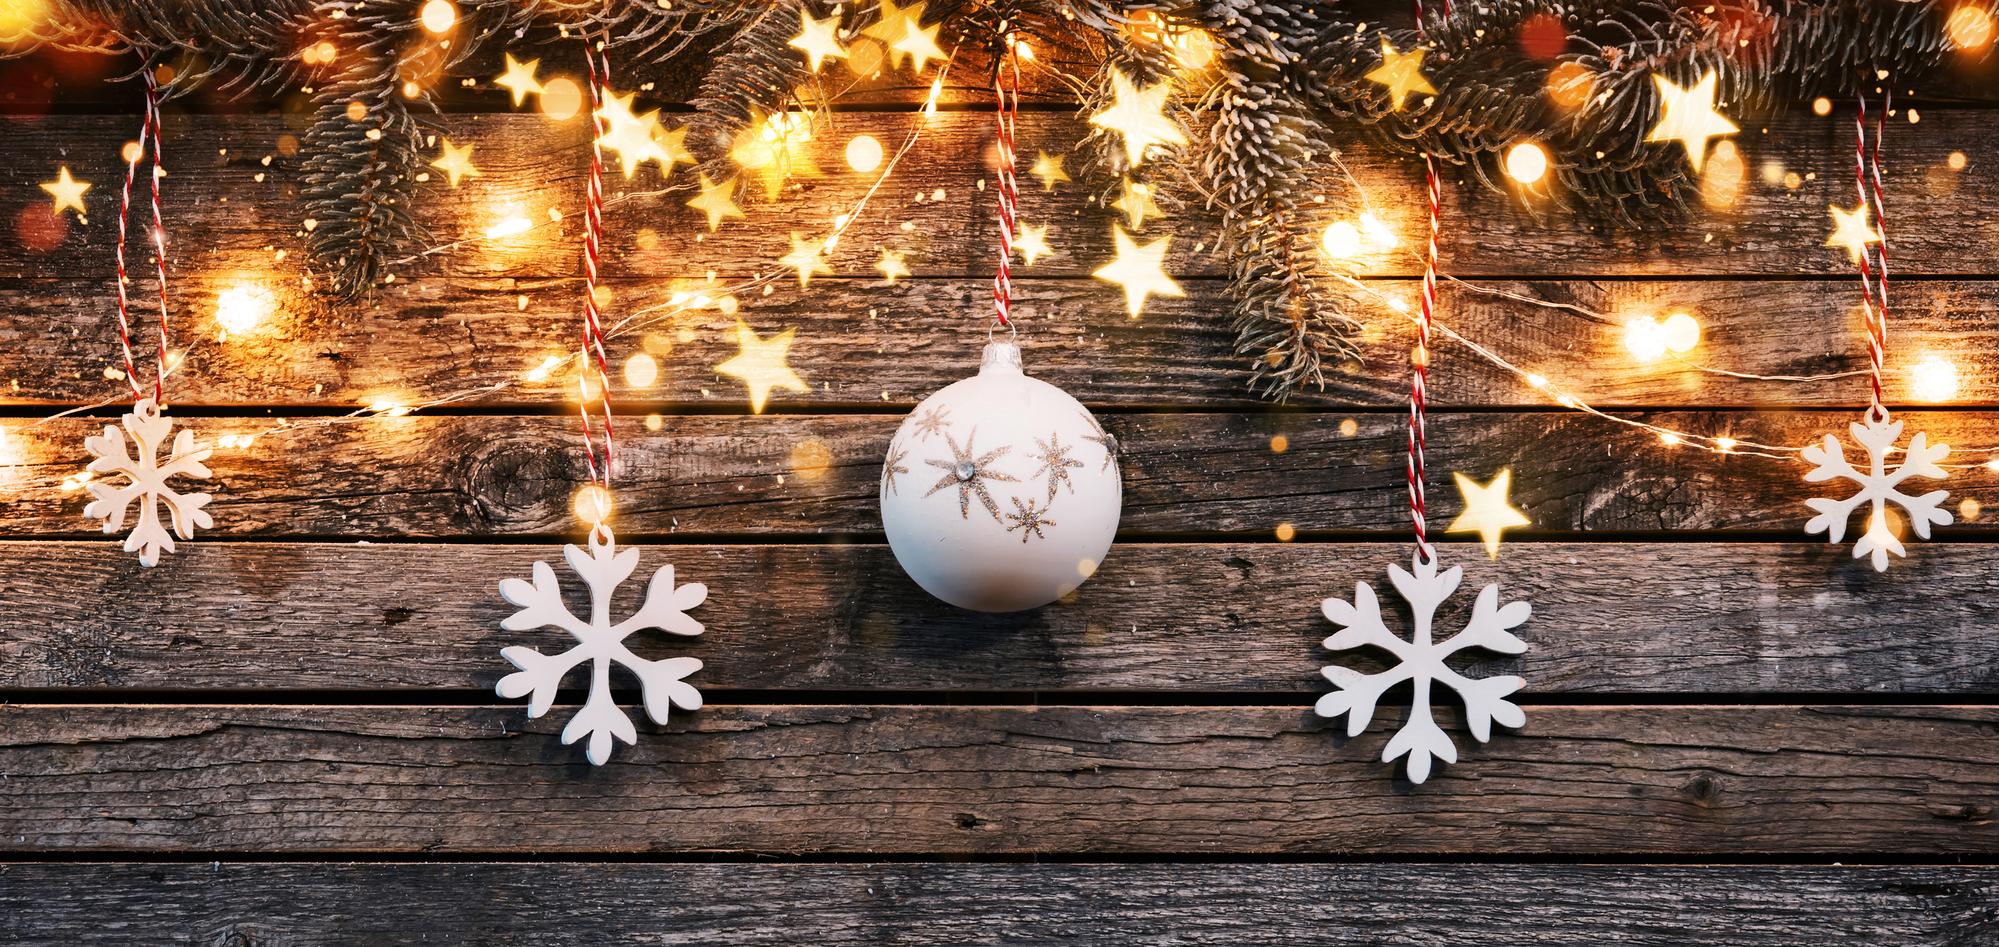 Католическое Рождество: ТОП-5 интересных традиций, о которых мы не знали